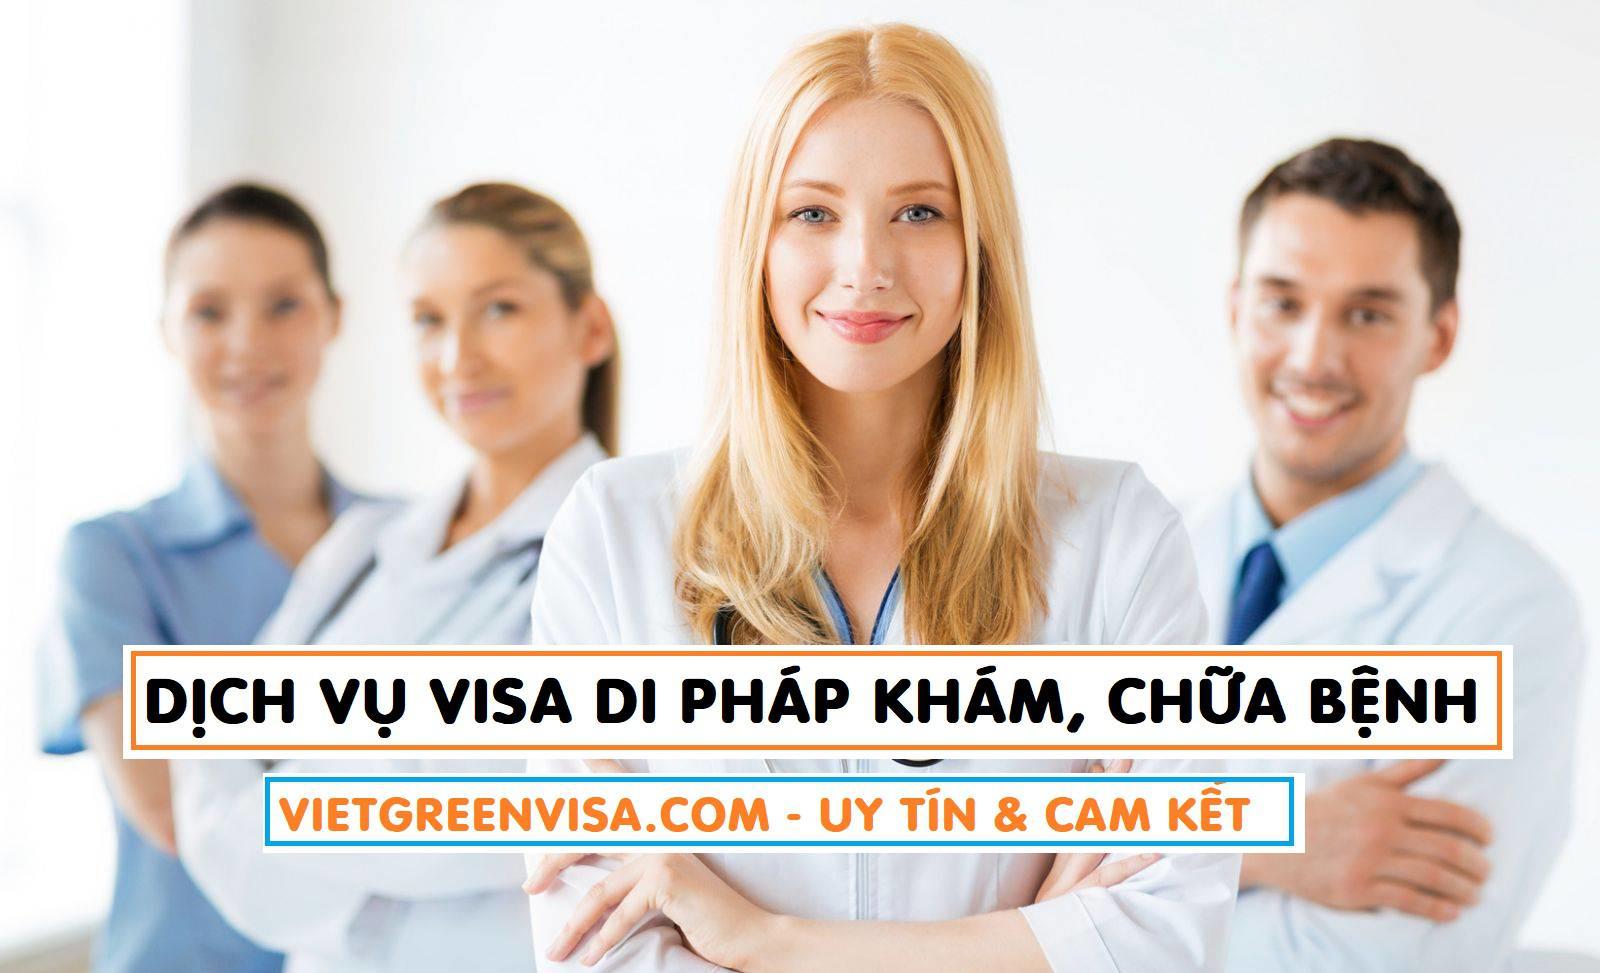 Dịch vụ xin visa đi Pháp khám chữa bệnh cao cấp + Dịch vụ Visa Pháp cao cấp